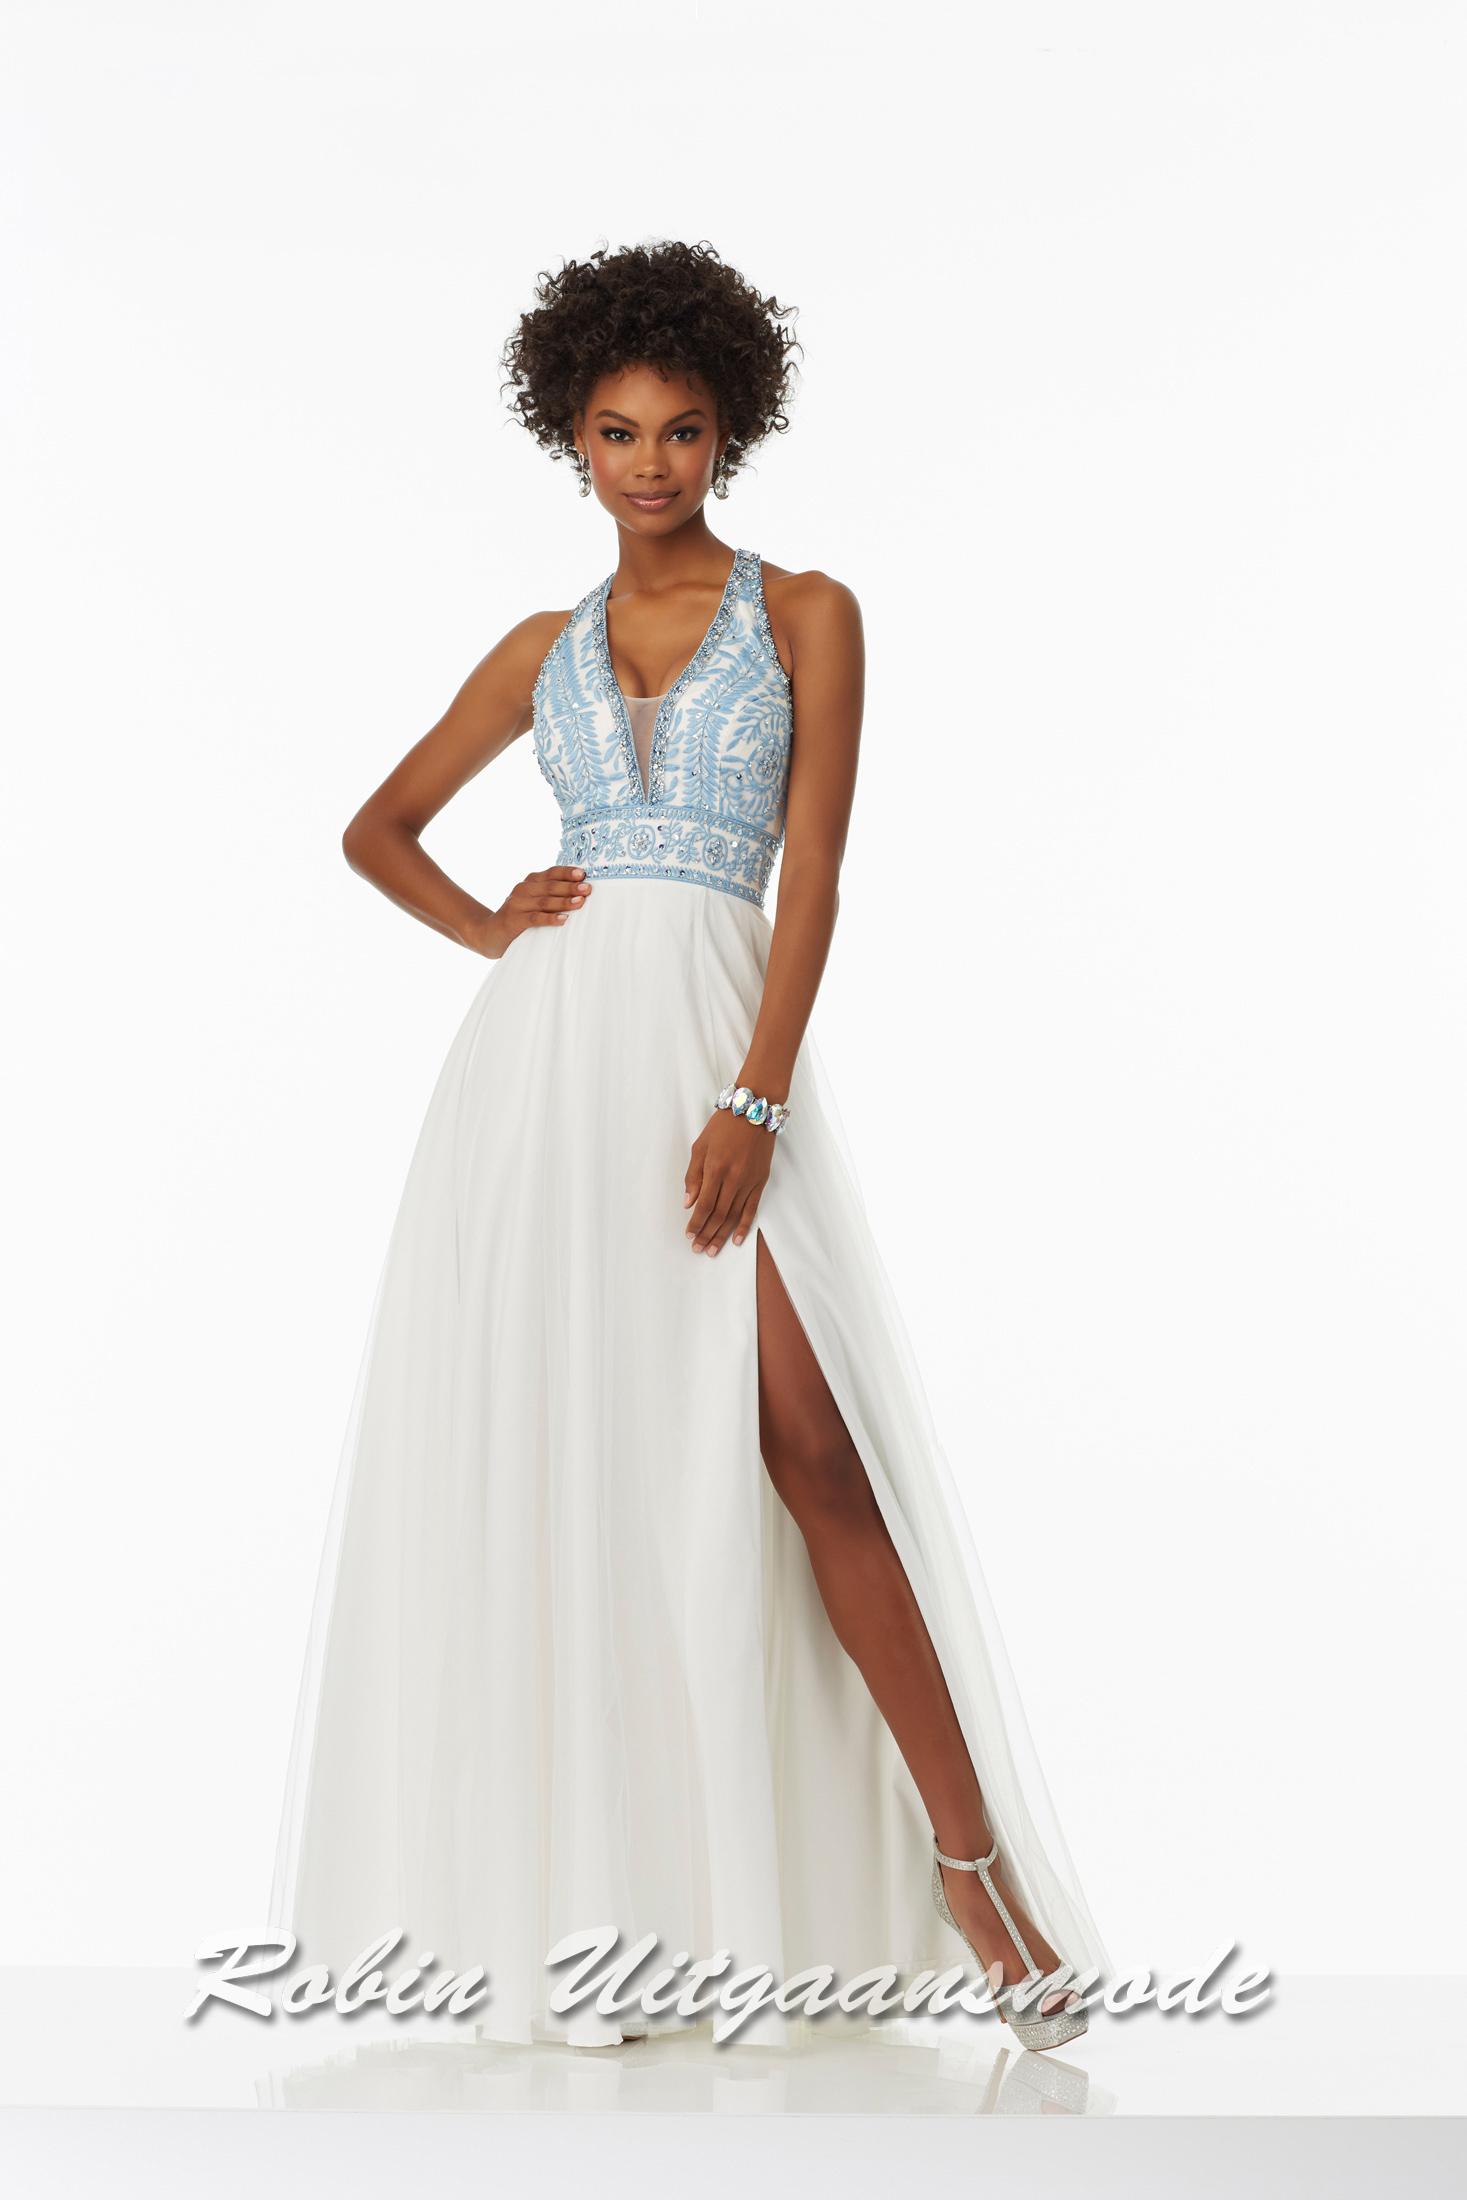 ab0c6a2a089e8a Lange trouwjurk met een lichtblauw kanten halterlijfje en een verborgen  hoge split in de witte rok